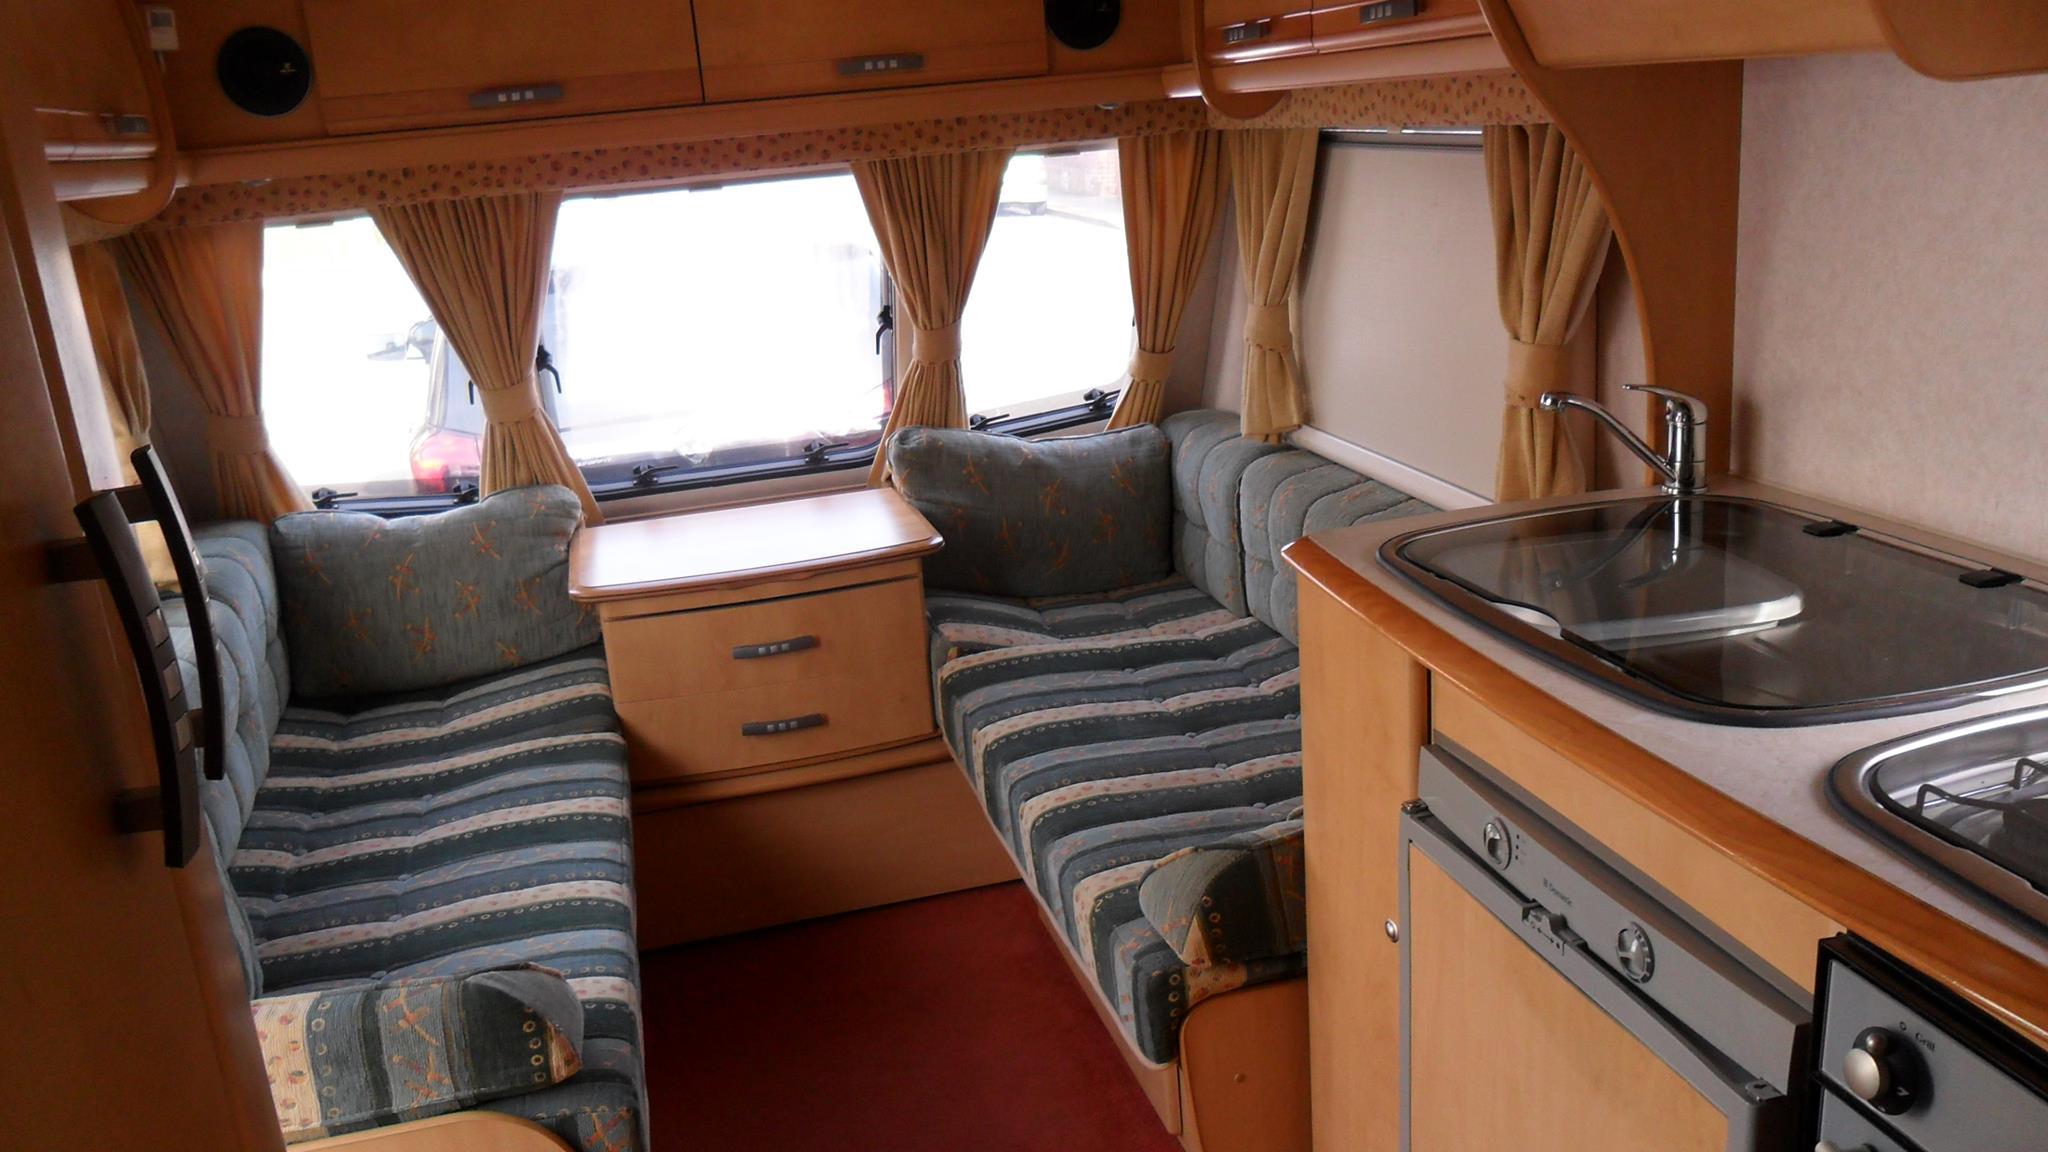 Kussens Caravan Bekleden : Caravan kussens maatwerk ambachtelijke meubelstoffeerder abb